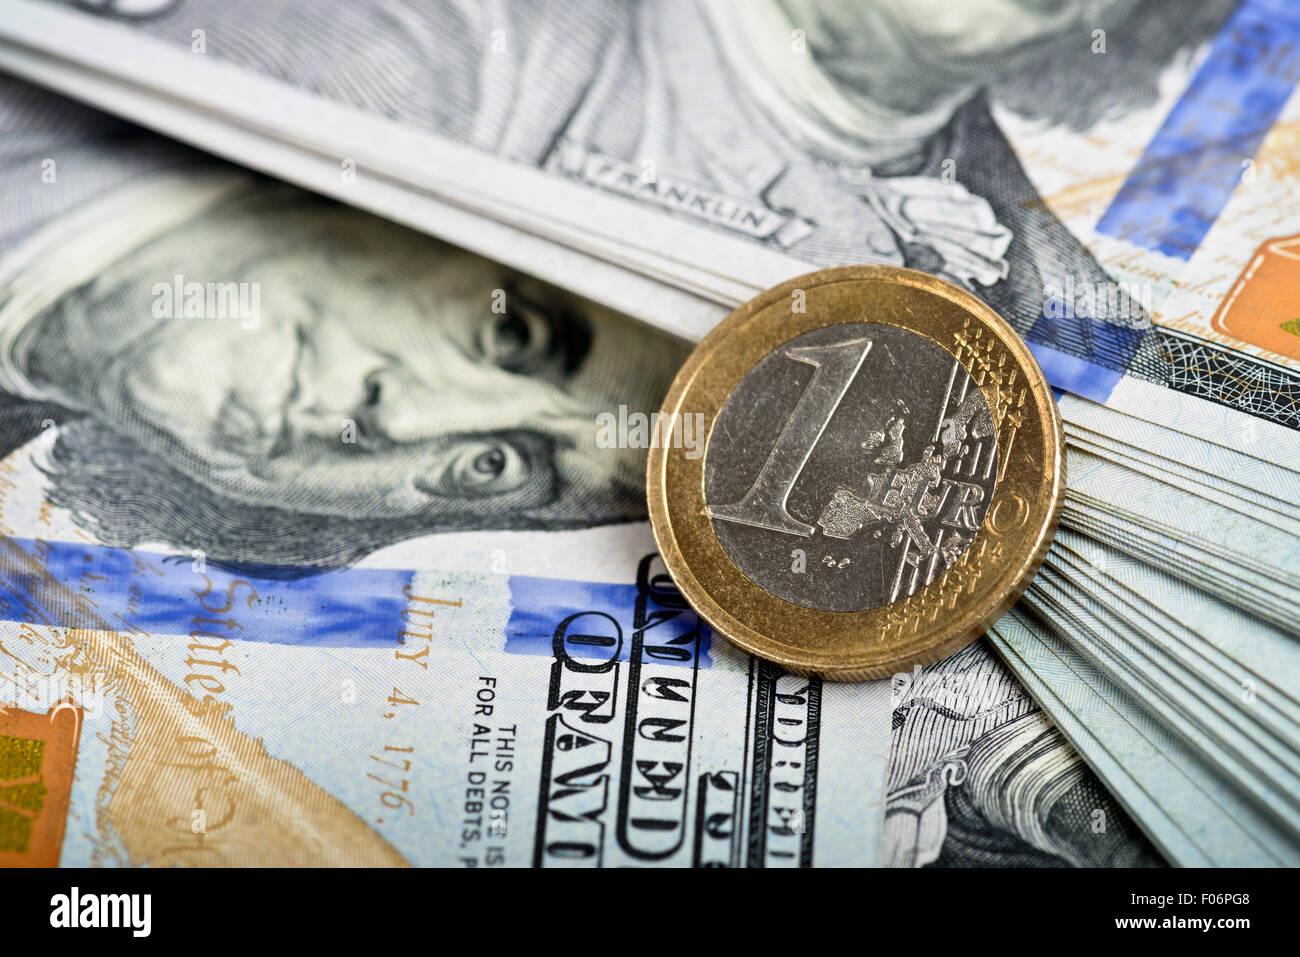 Détail d'une pièce en euros, plus de billets en arrière-plan Photo Stock